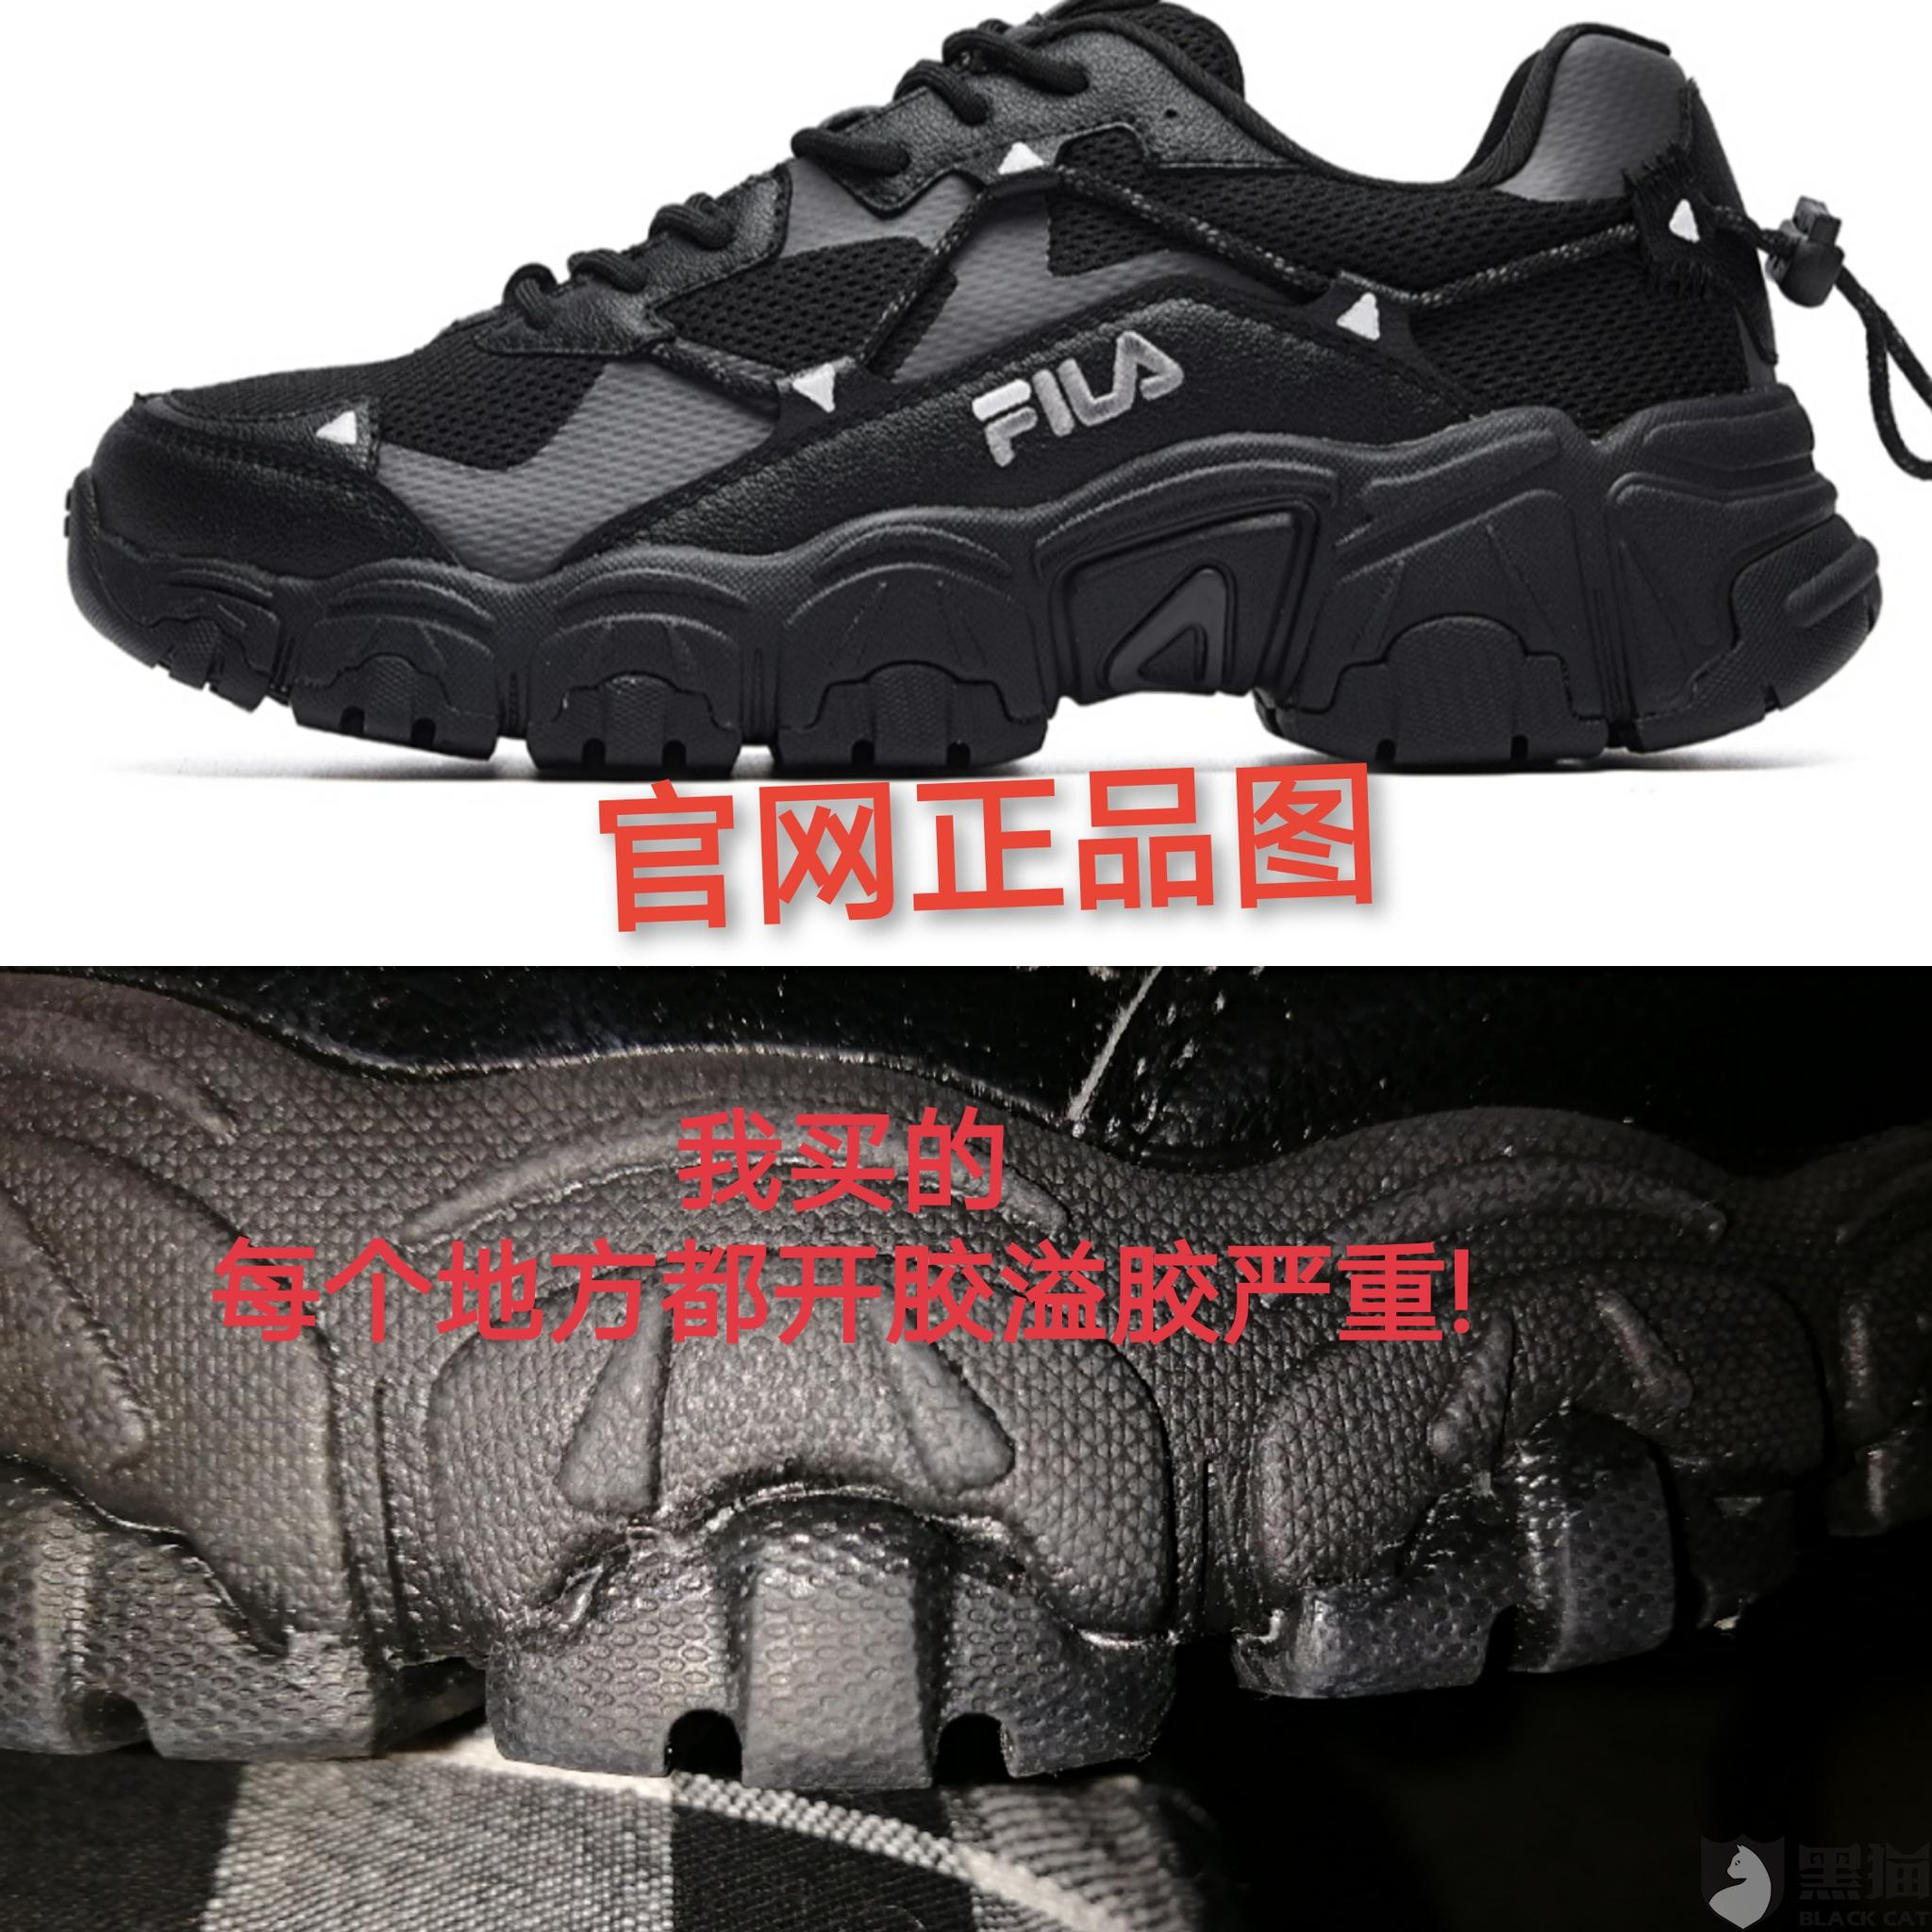 黑猫投诉:Fila正品免税店 产品质量差,假货当成真货卖。态度差,骚扰买家。